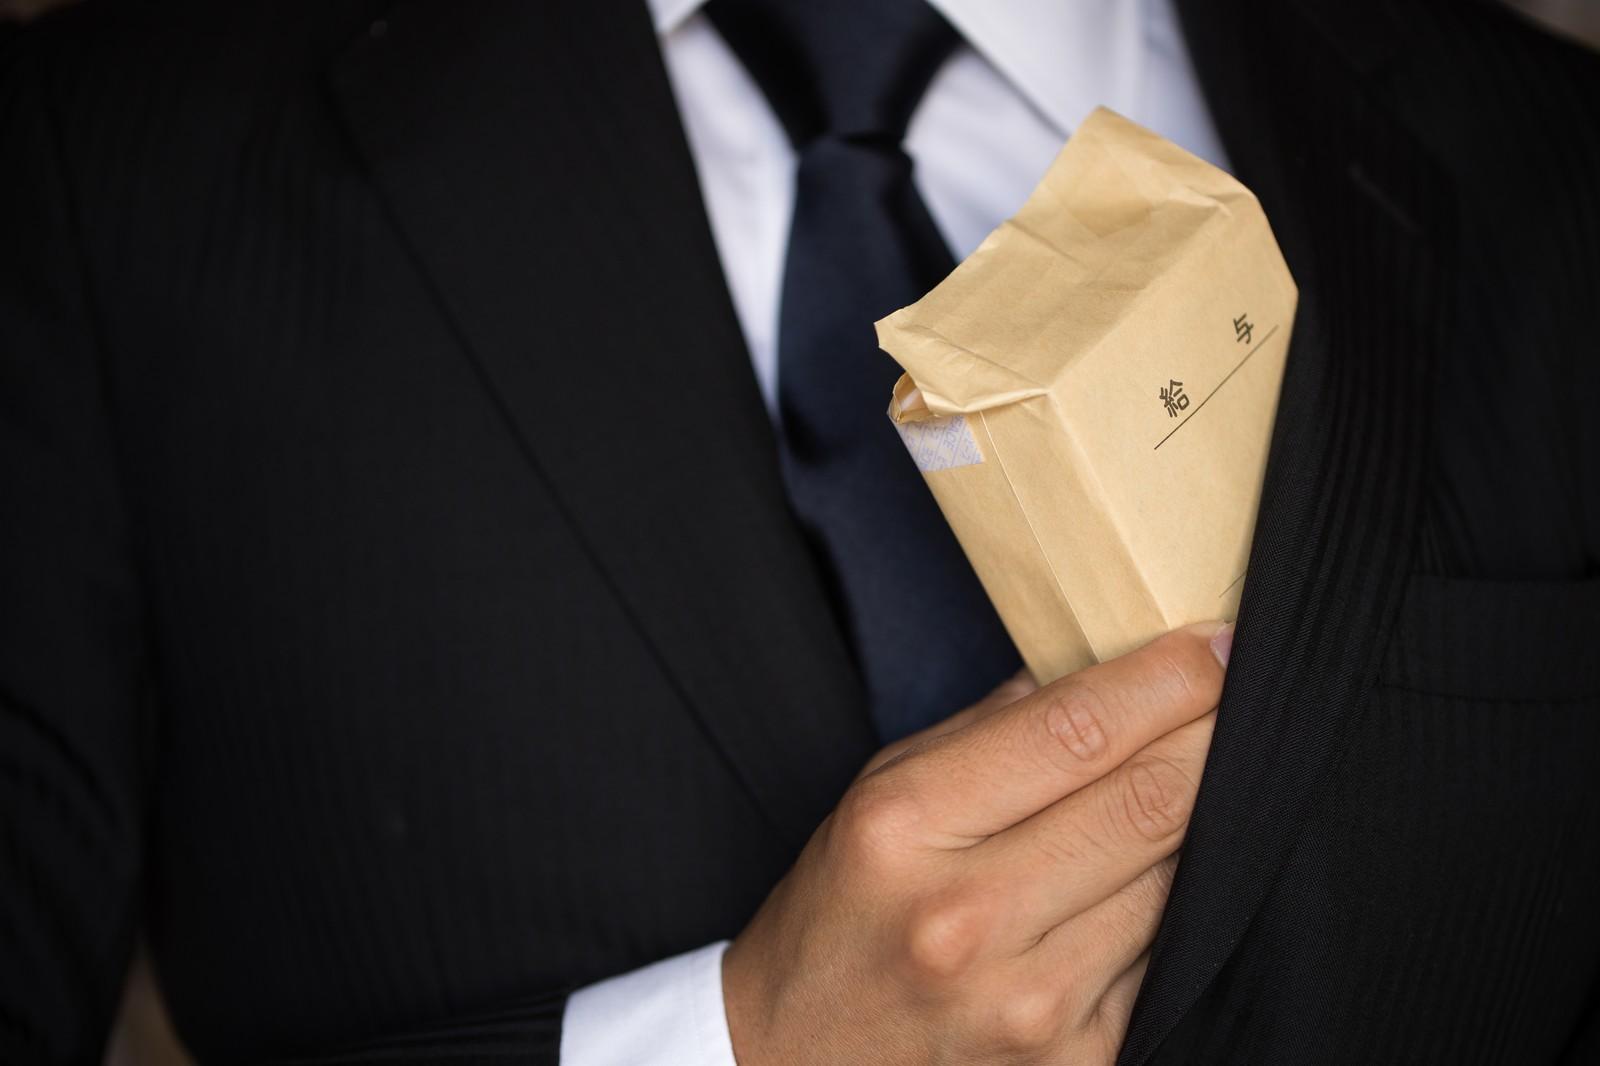 副業輸入ビジネスは本業に影響あたえる?